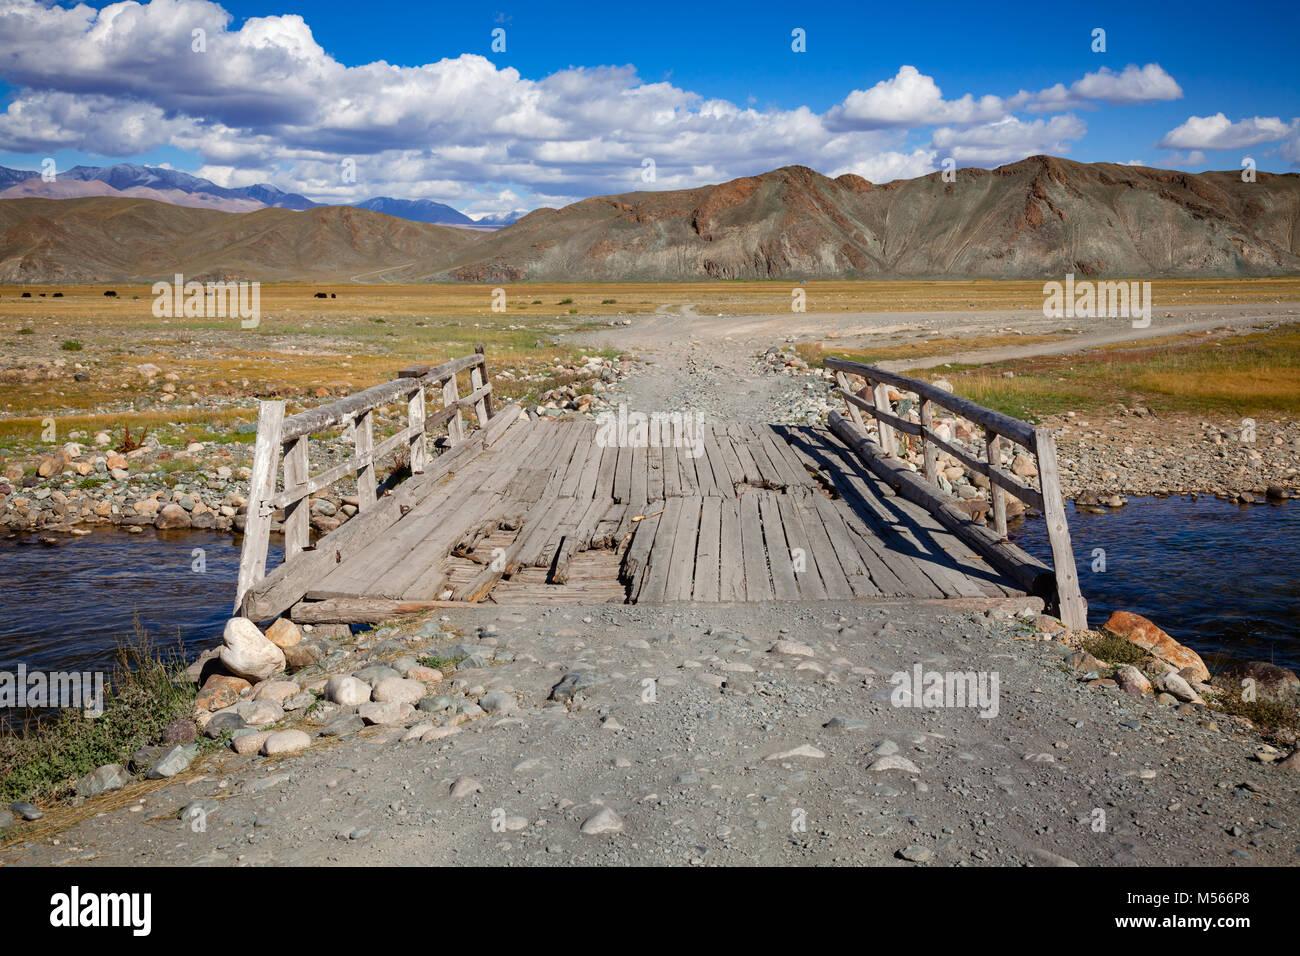 Vieux pont de bois sur un chemin de terre à l'Altaï, dans l'ouest de la Mongolie Photo Stock